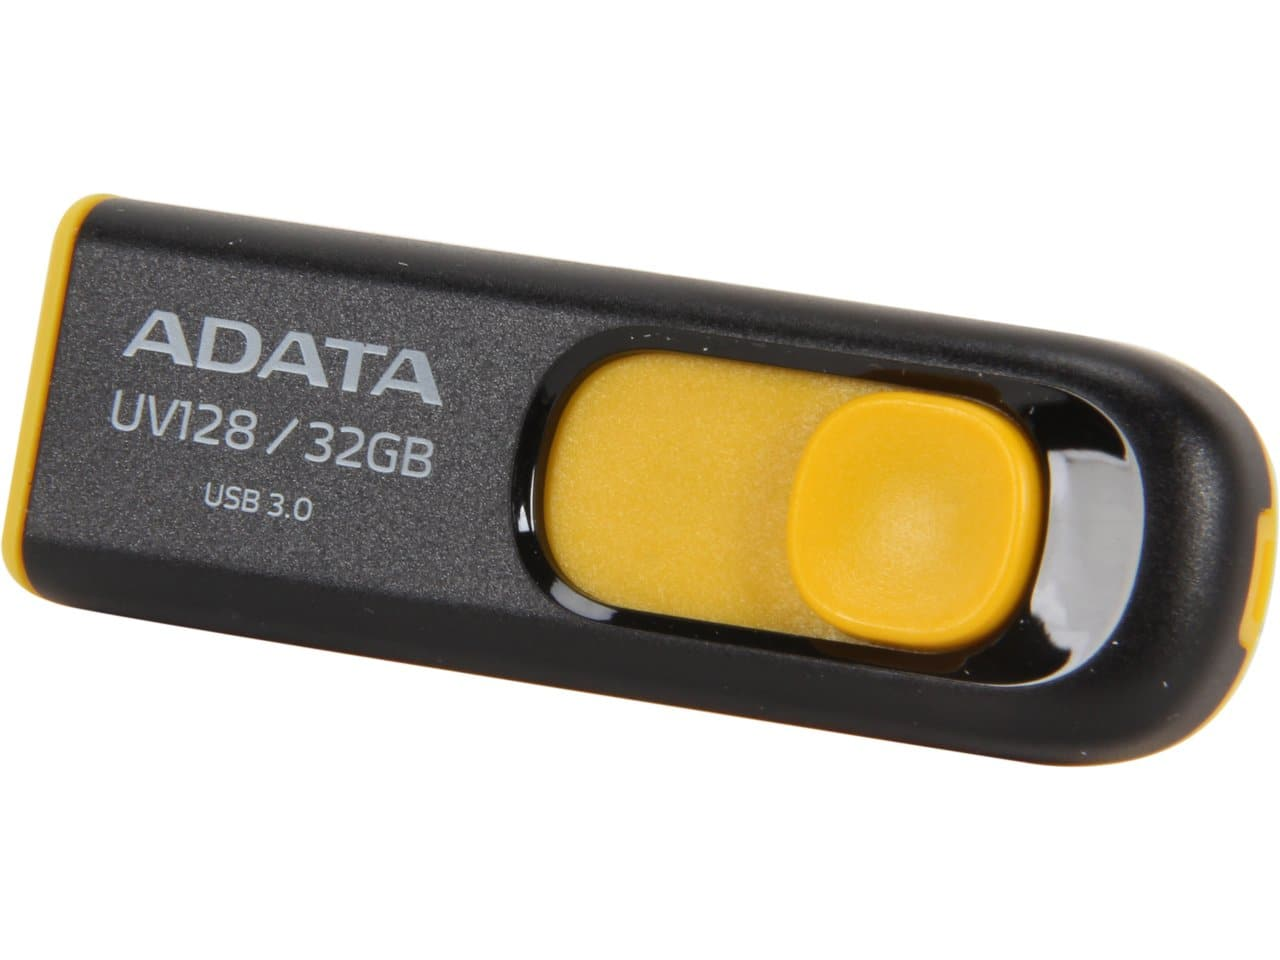 32 GB ADATA DashDrive UV128 Black & Yellow USB 3.0 Flash Drive for $6.99 AC + S&H & More @ Newegg.com